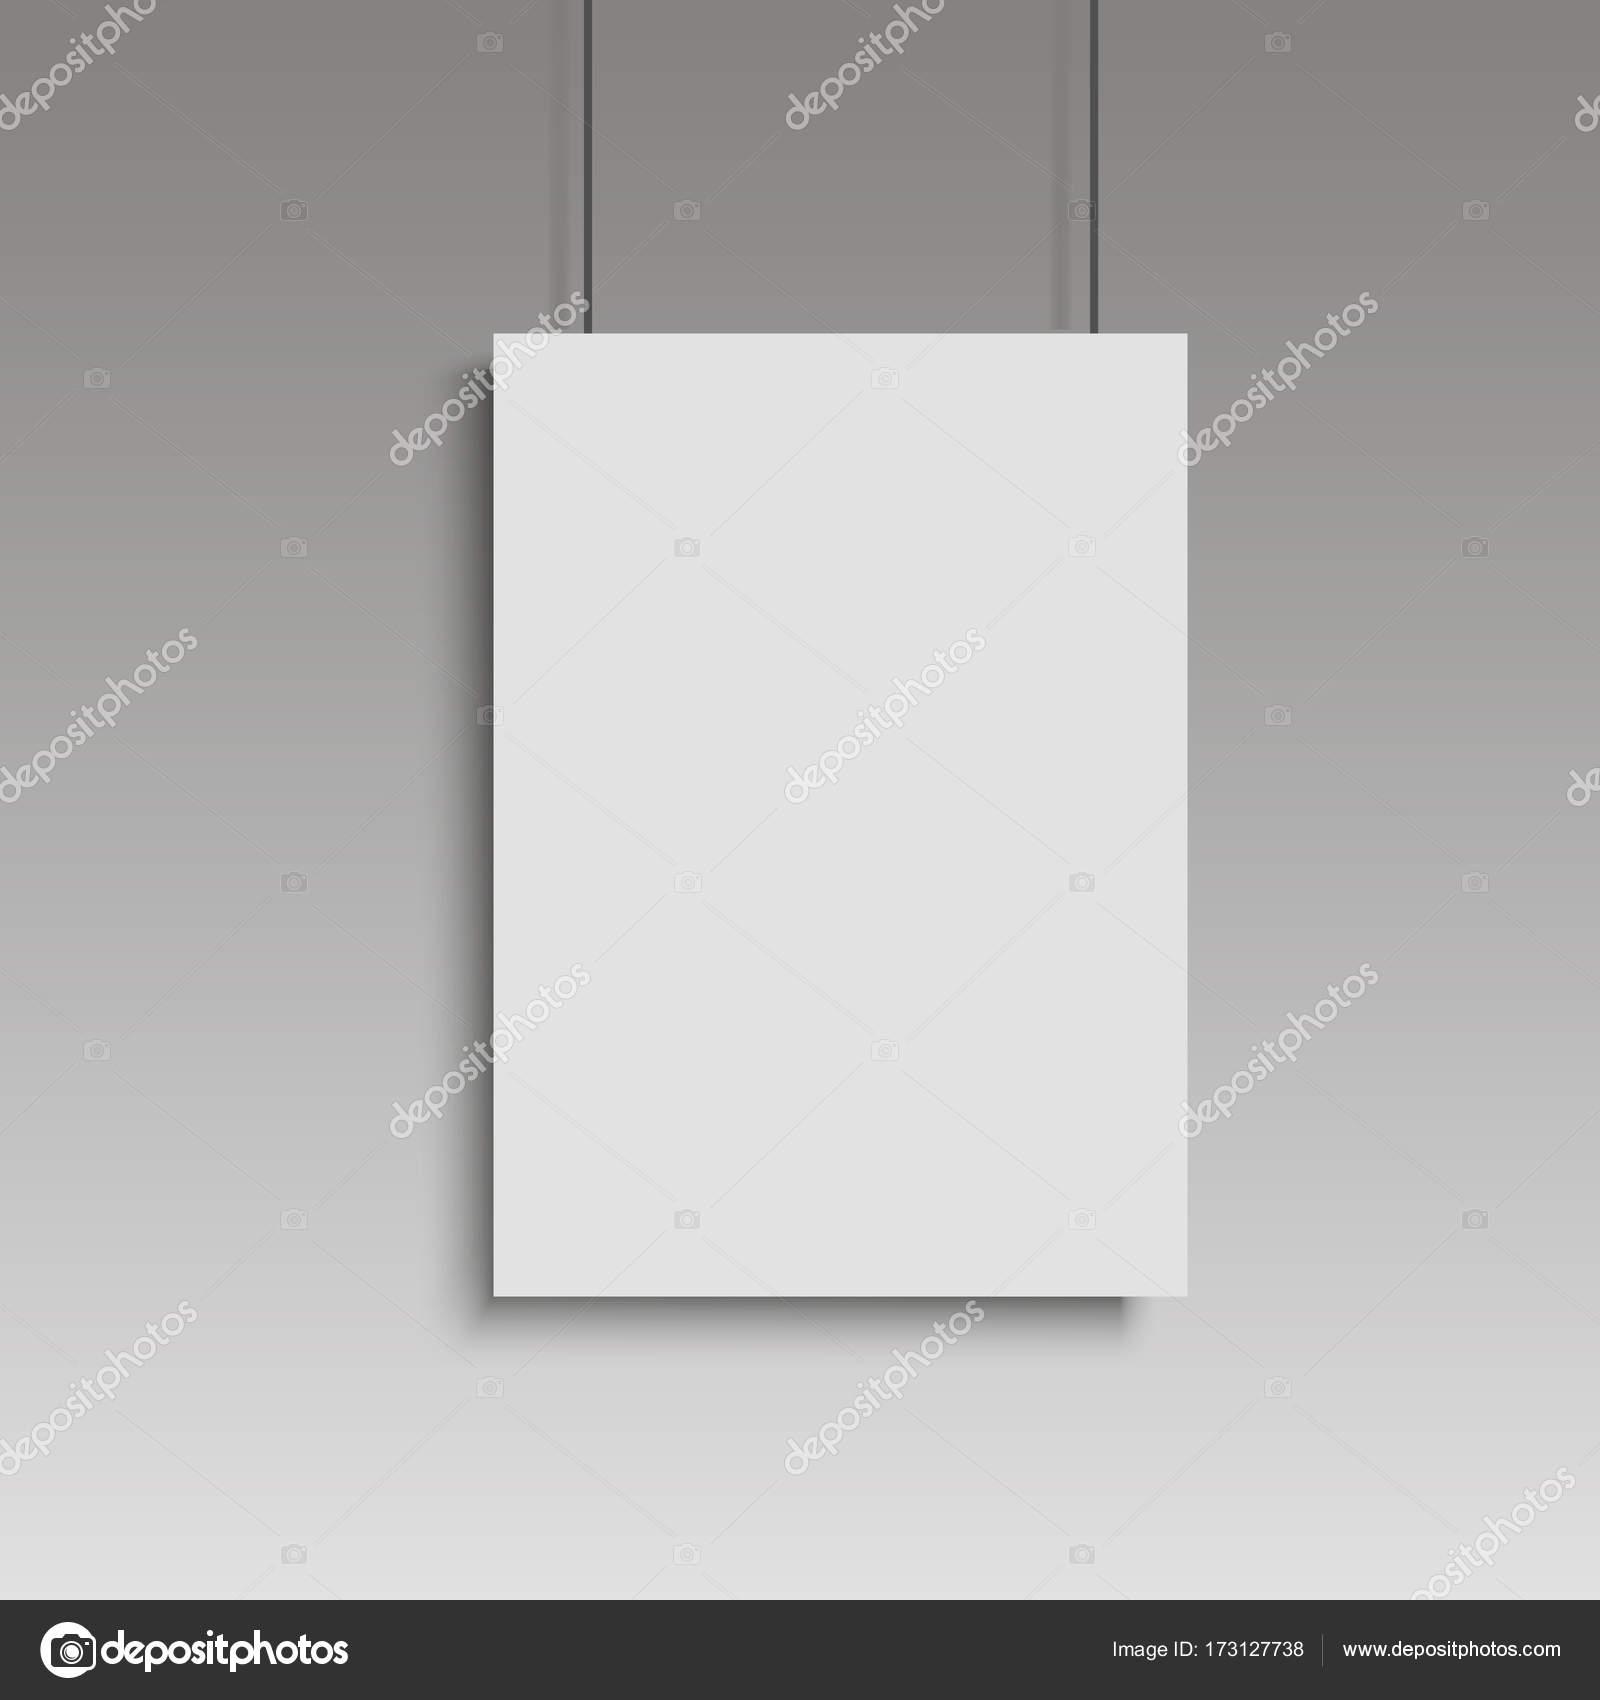 Weißes Plakat mit schwarzem Rahmen mock-up auf graue Wand. Vektor ...